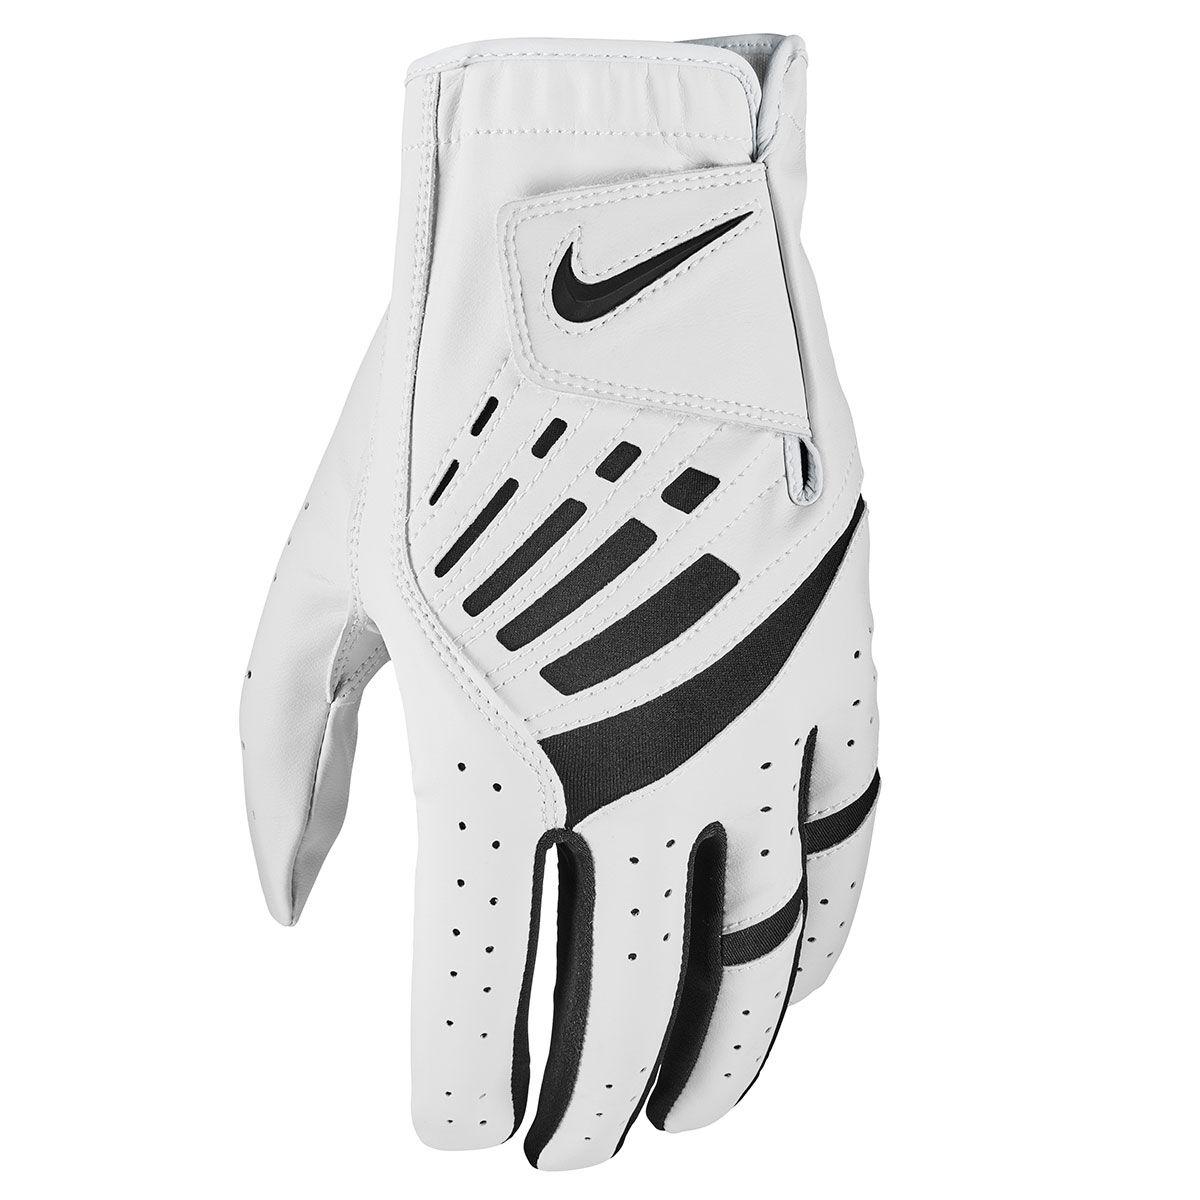 Nike Golf Dura Feel IX Golf Glove, Mens, Left hand, Large, Pearl white/black   American Golf